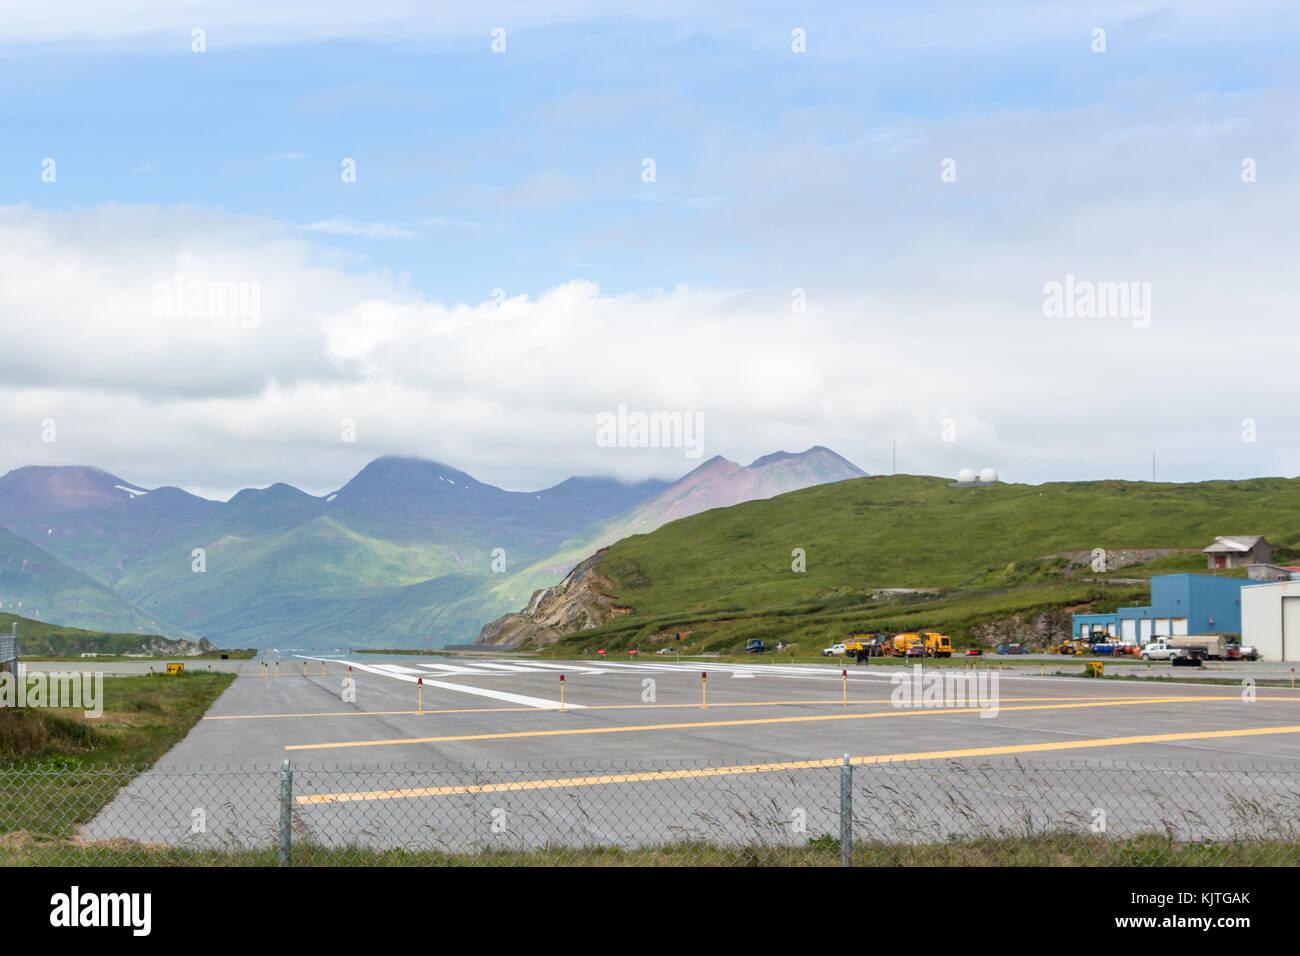 Harbor olandese, unalaska, Alaska, Stati Uniti d'America - agosto 14th, 2017: vista sulla pista del tom masden Immagini Stock